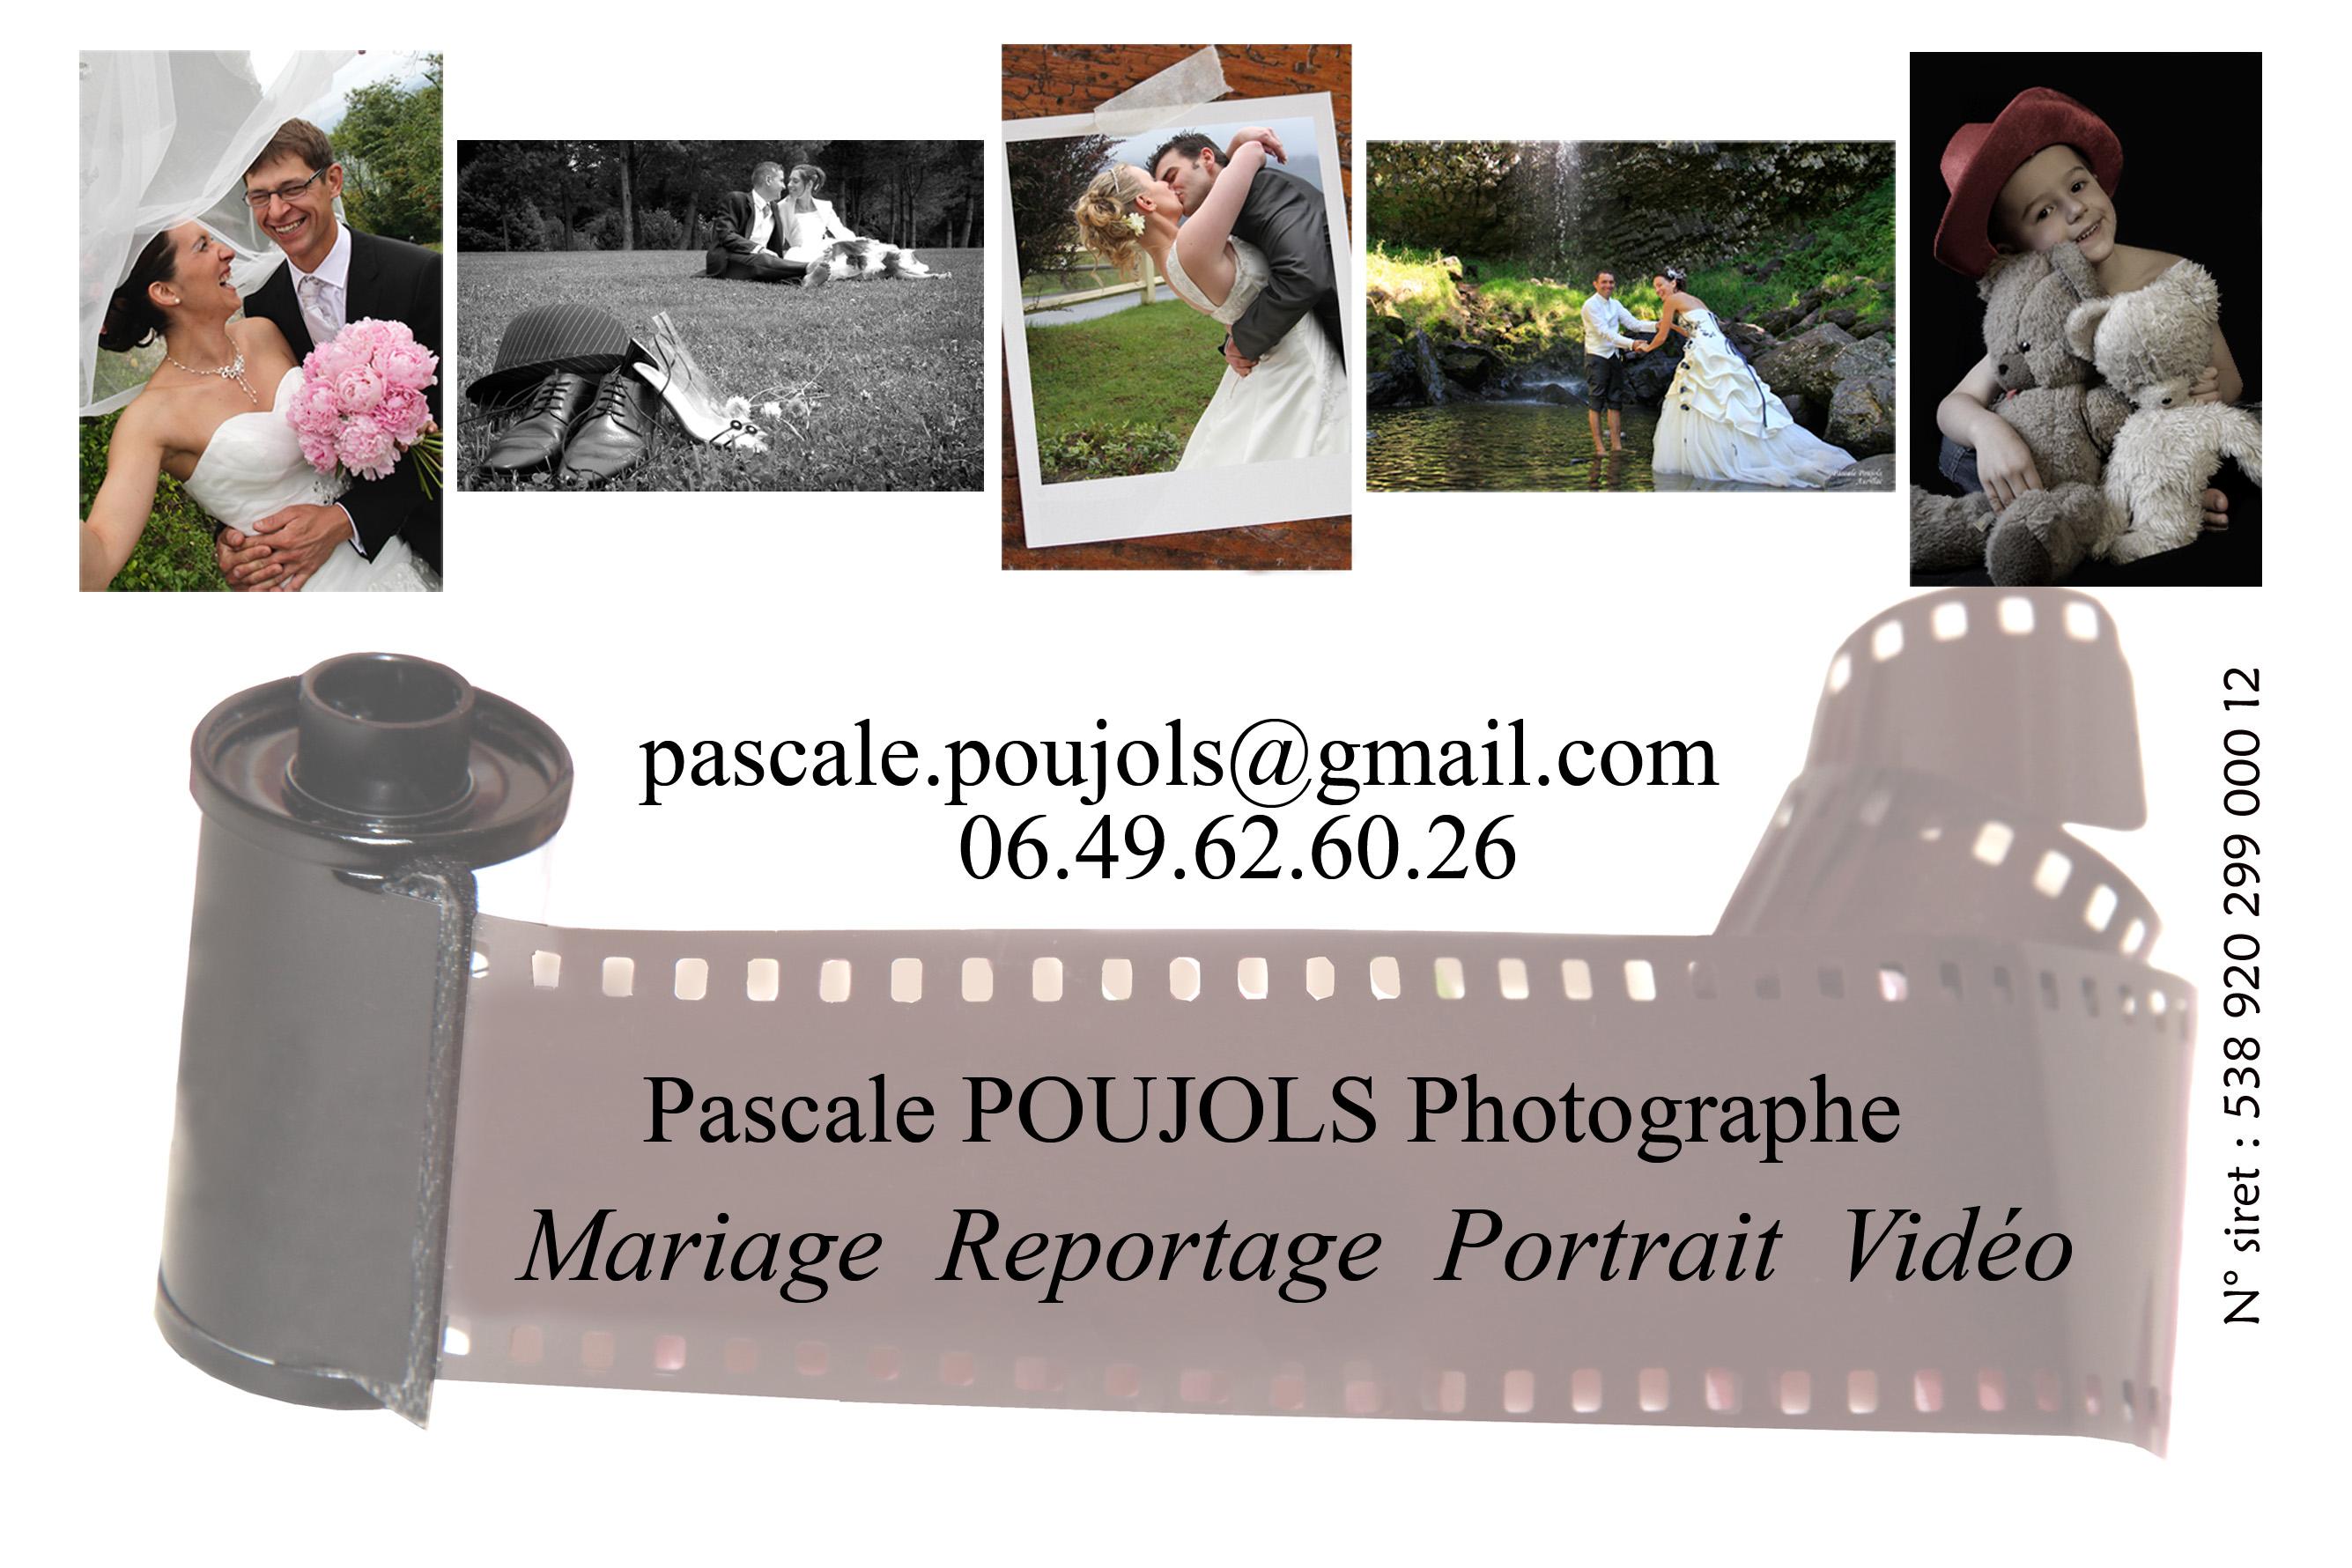 PASCALE POUJOLS PHOTOGRAPHE